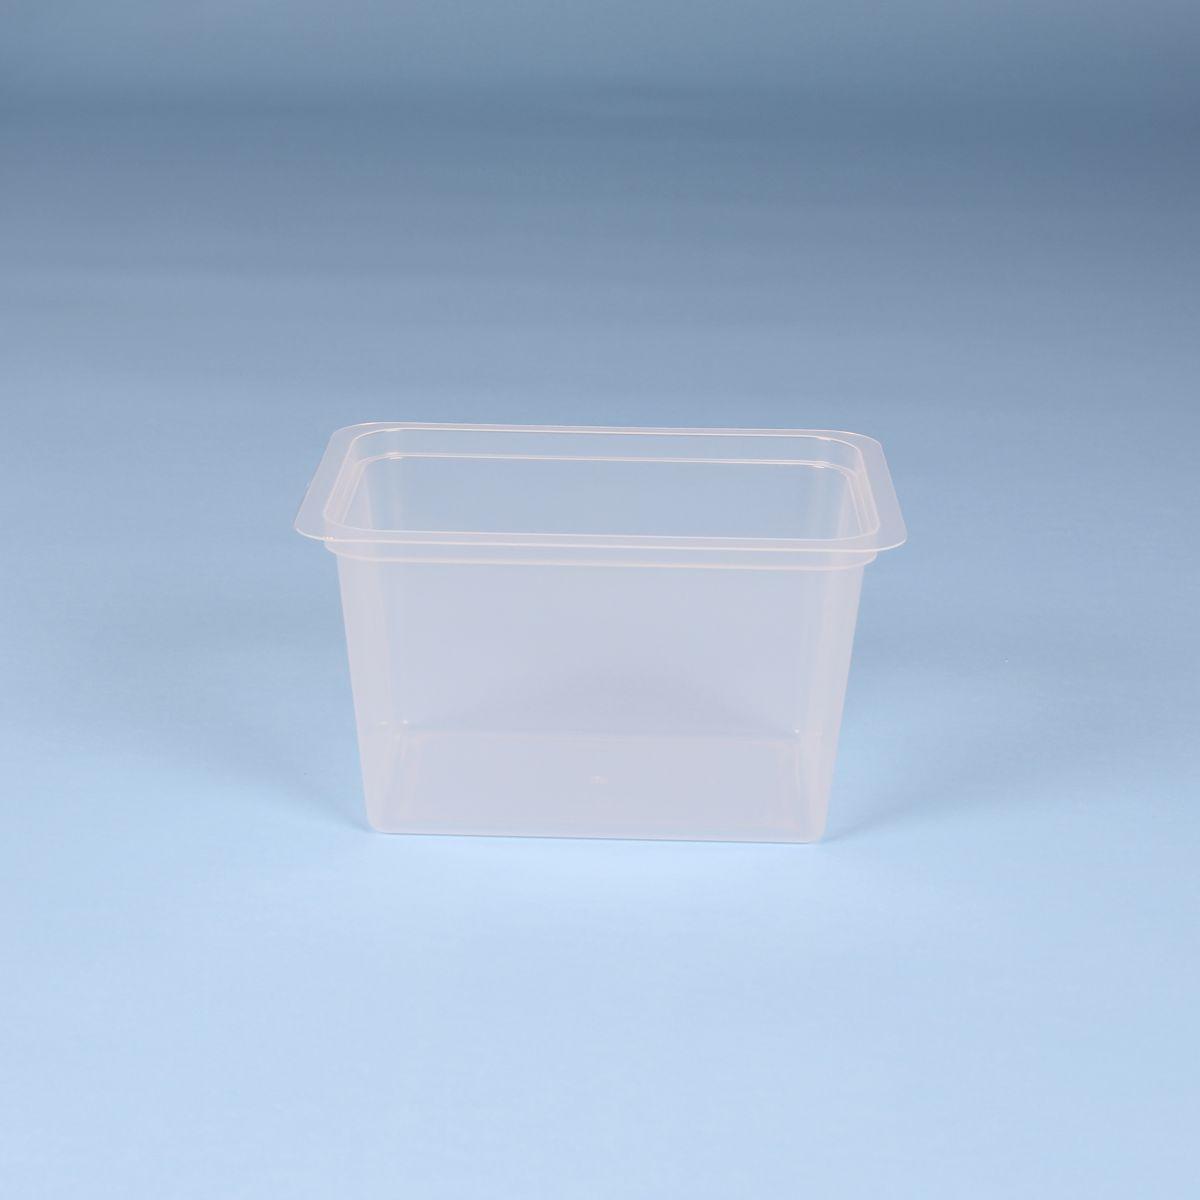 Vaschetta per latticini litri 0,73 - Codice 015036